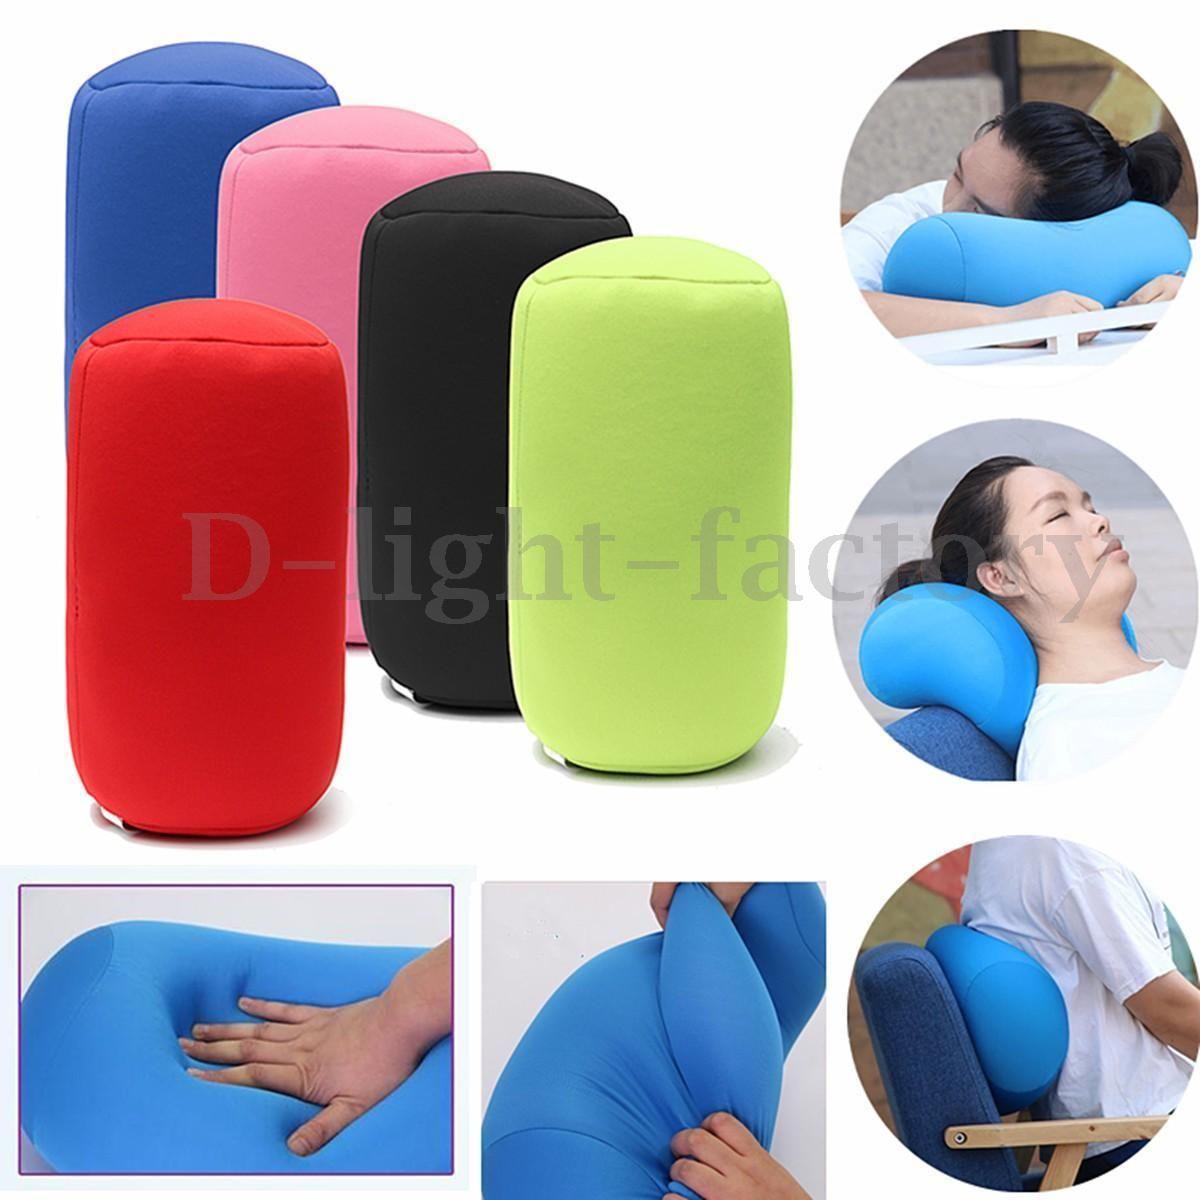 Cushions, Decorative Pillows Home & Garden Bed pillows